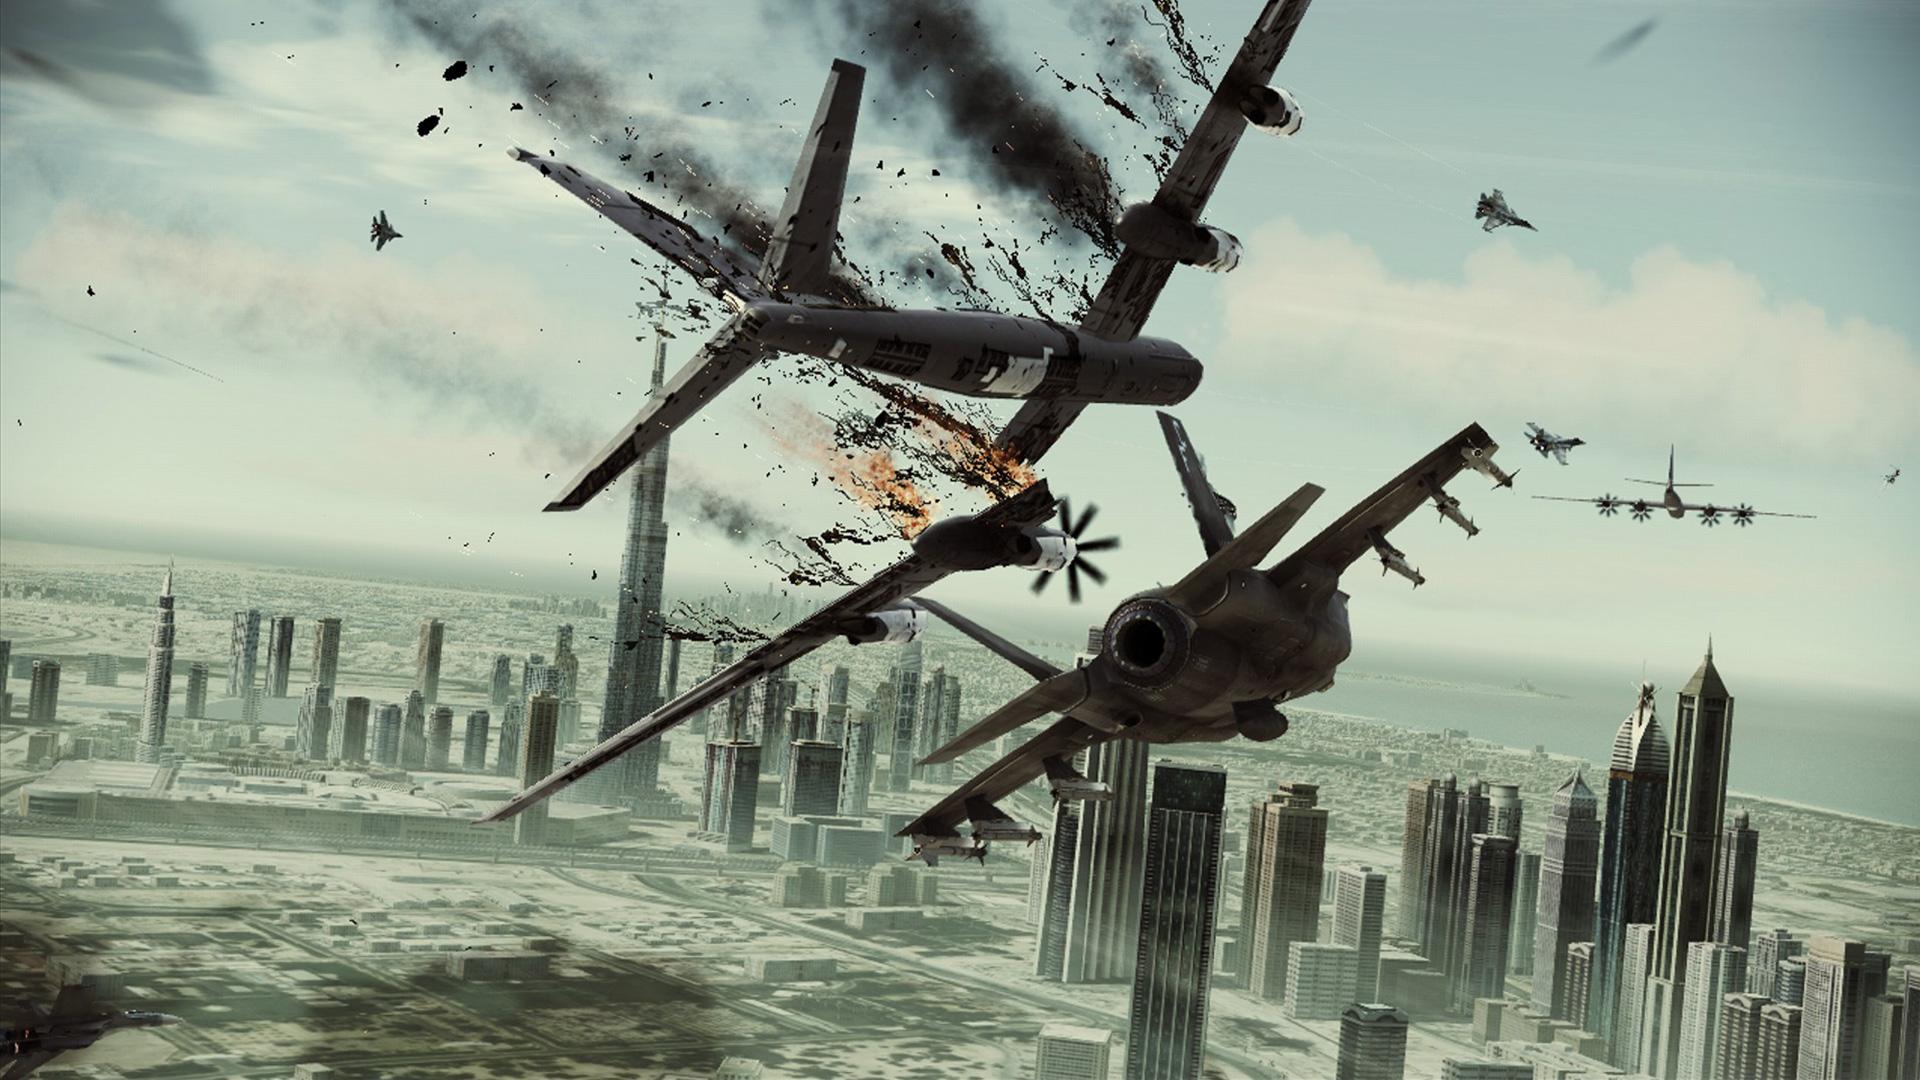 Ace Combat: Assault Horizon Wallpaper in 1920x1080